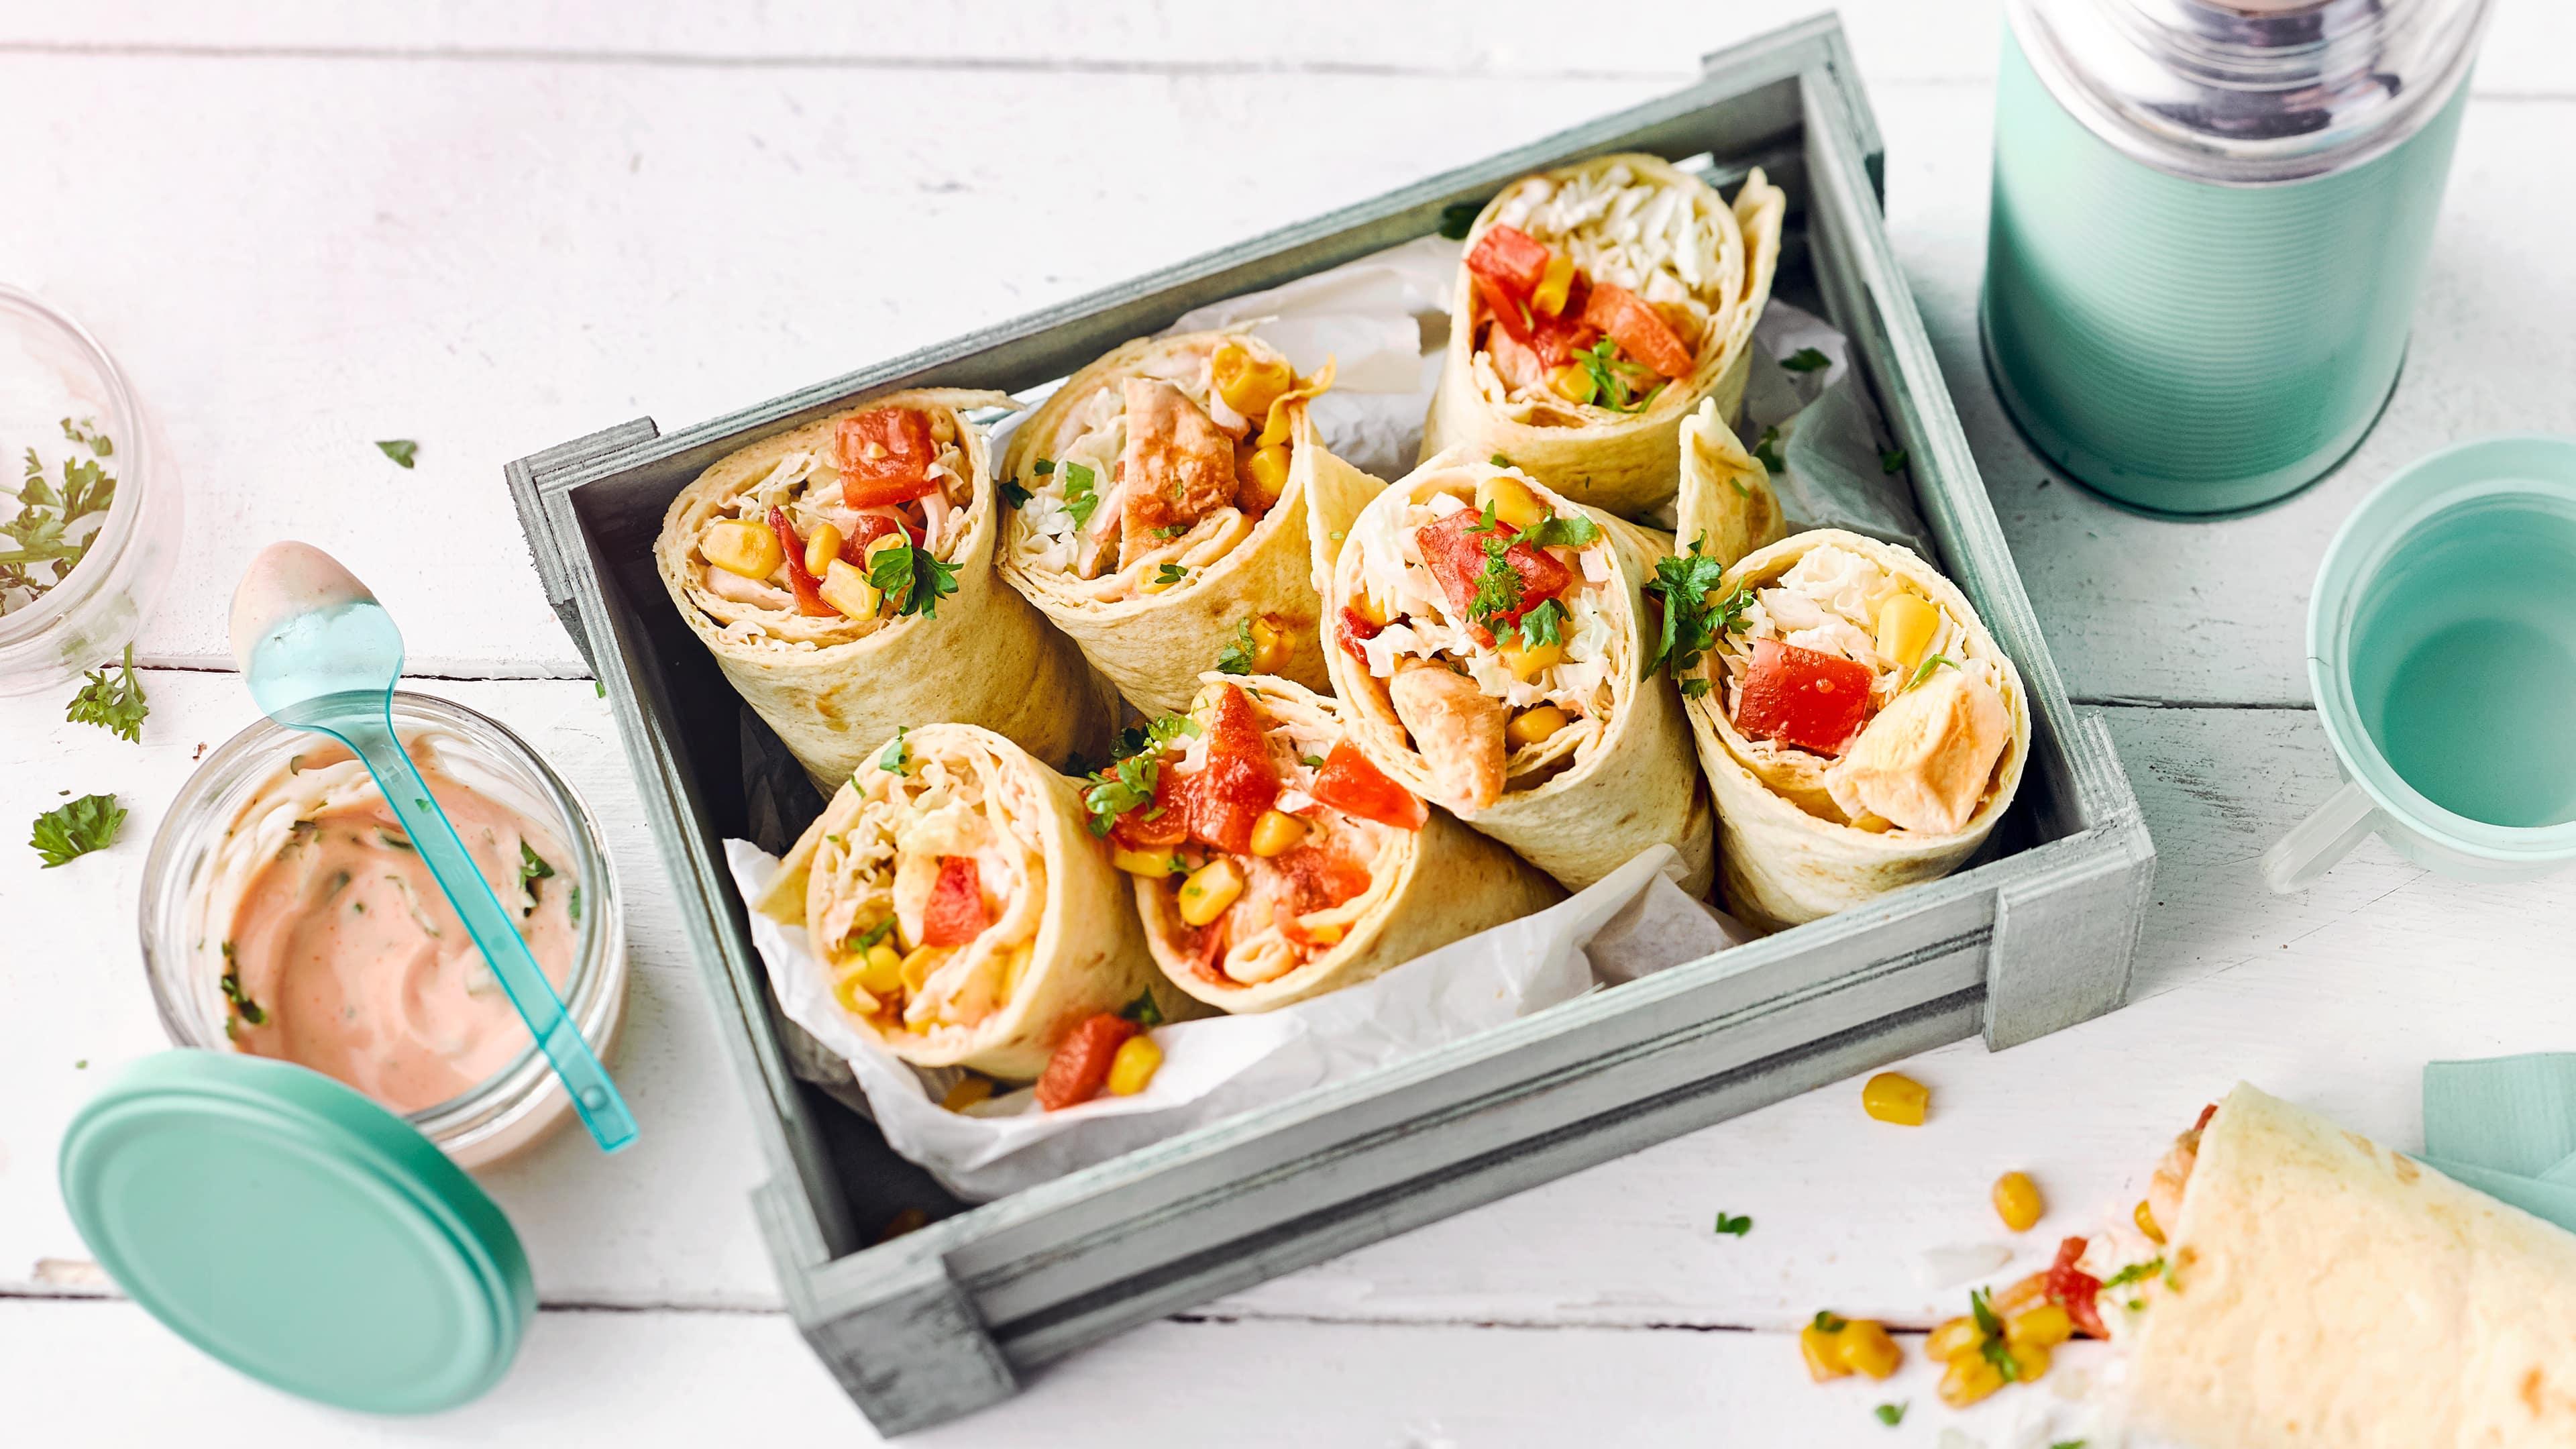 Schnelle Sommerküche Für Kinder : Kinder rezepte einfach gesund lecker edeka